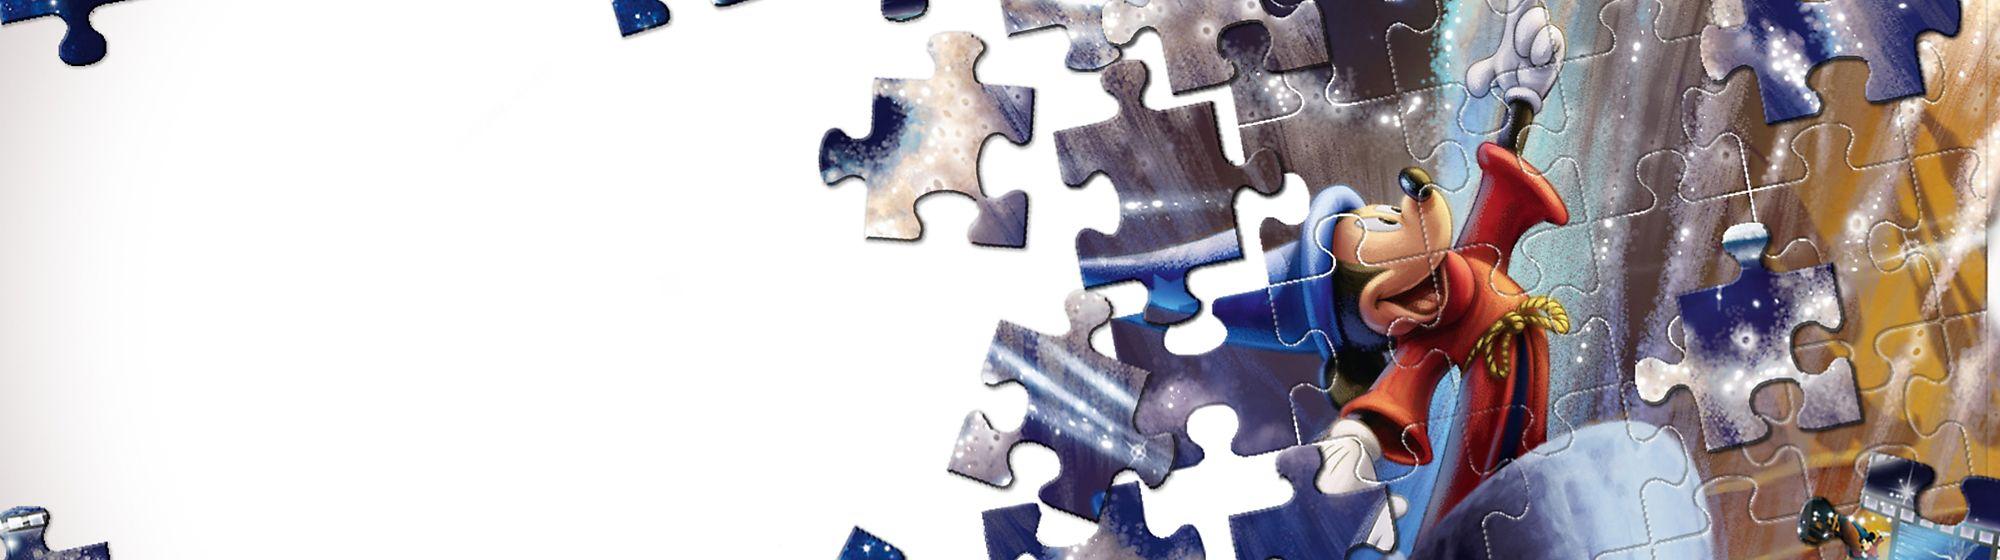 Puzzles Spielspaß garantiert mit Disneys Puzzles, Spielen und Spielsets von Micky, Rapunzel, Avengers und vielen mehr.